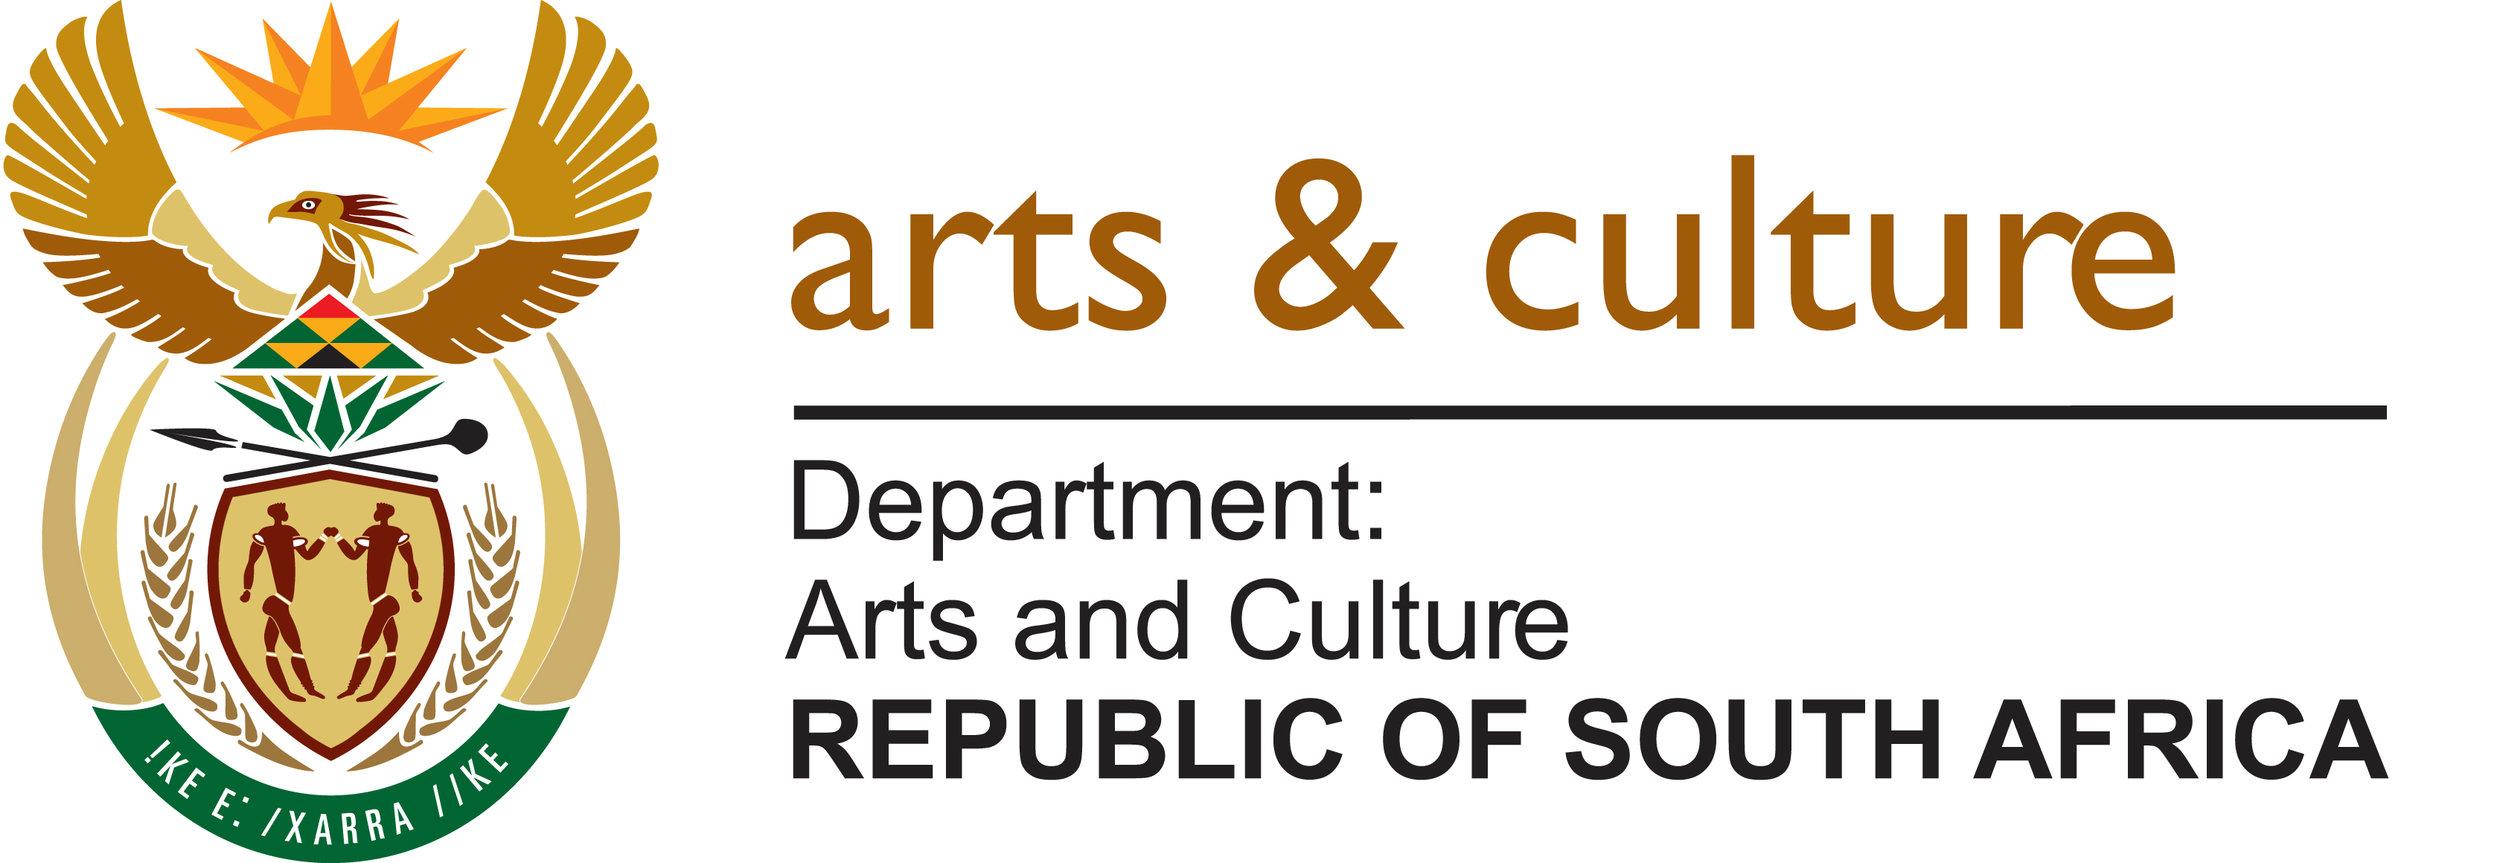 Arts and Culture logo copy.jpg